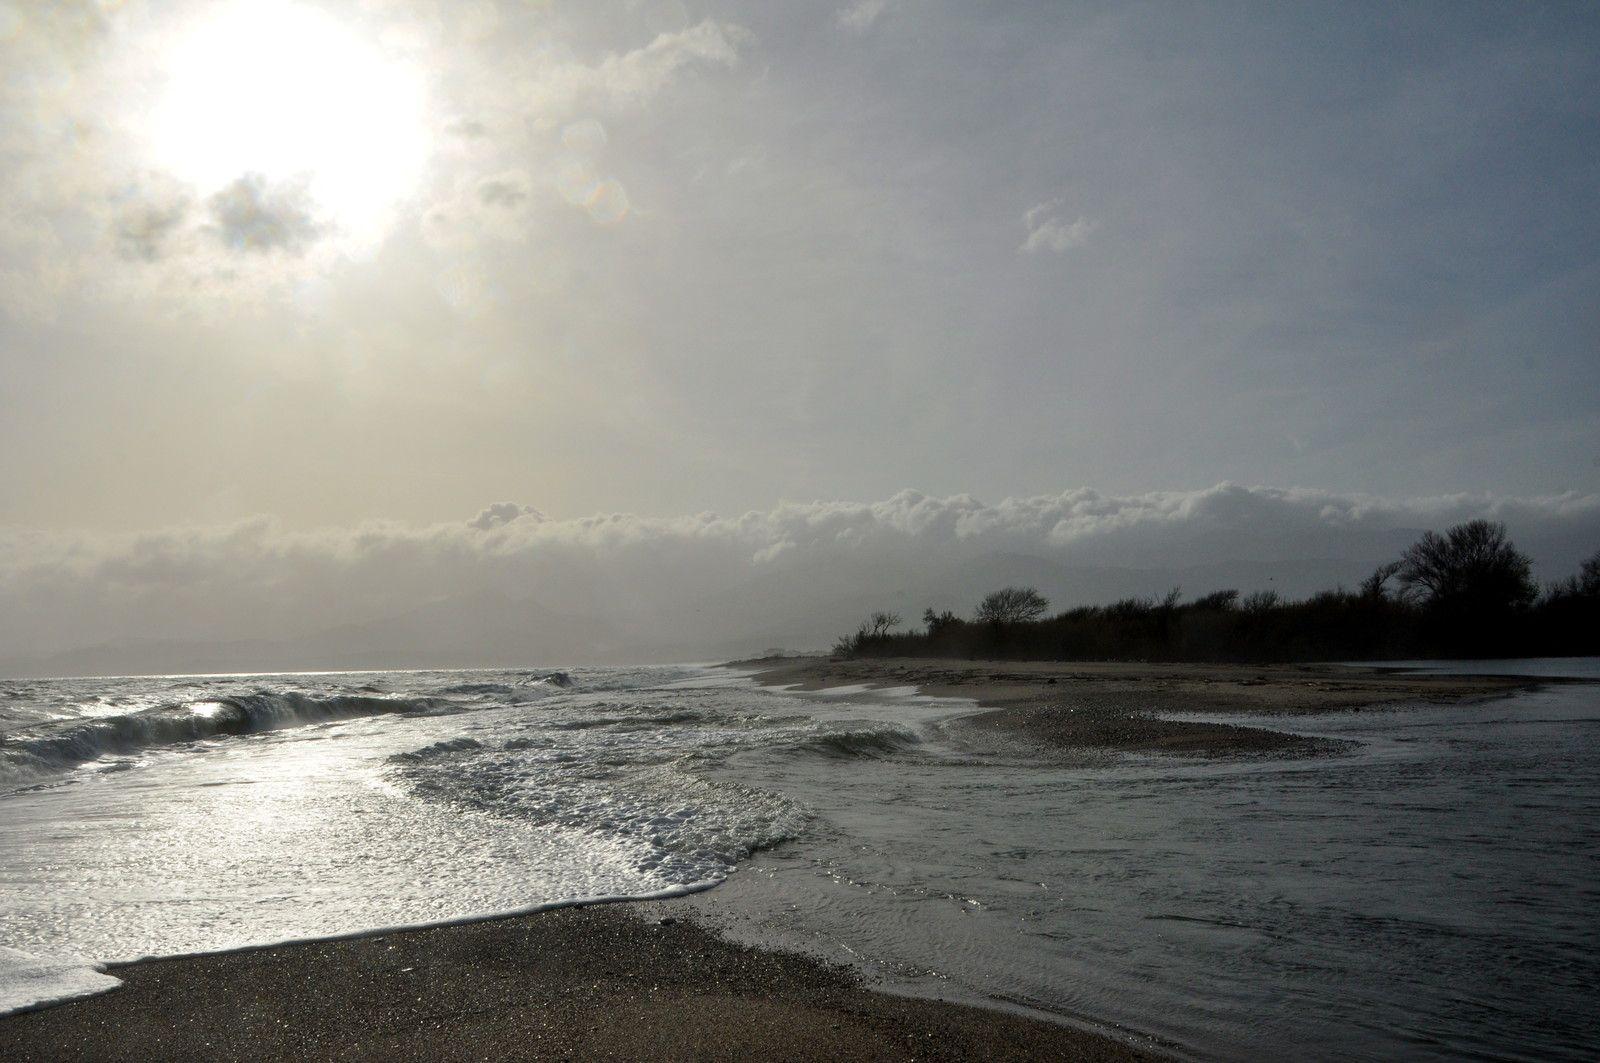 La rencontre entre la mer et le fleuve.